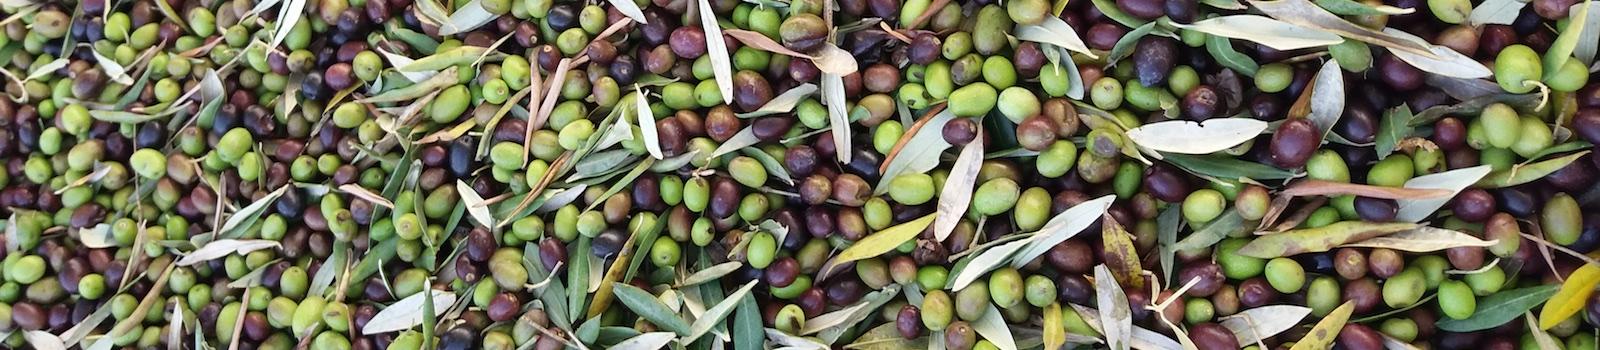 Olio biologico Toscano dalle nostre olive